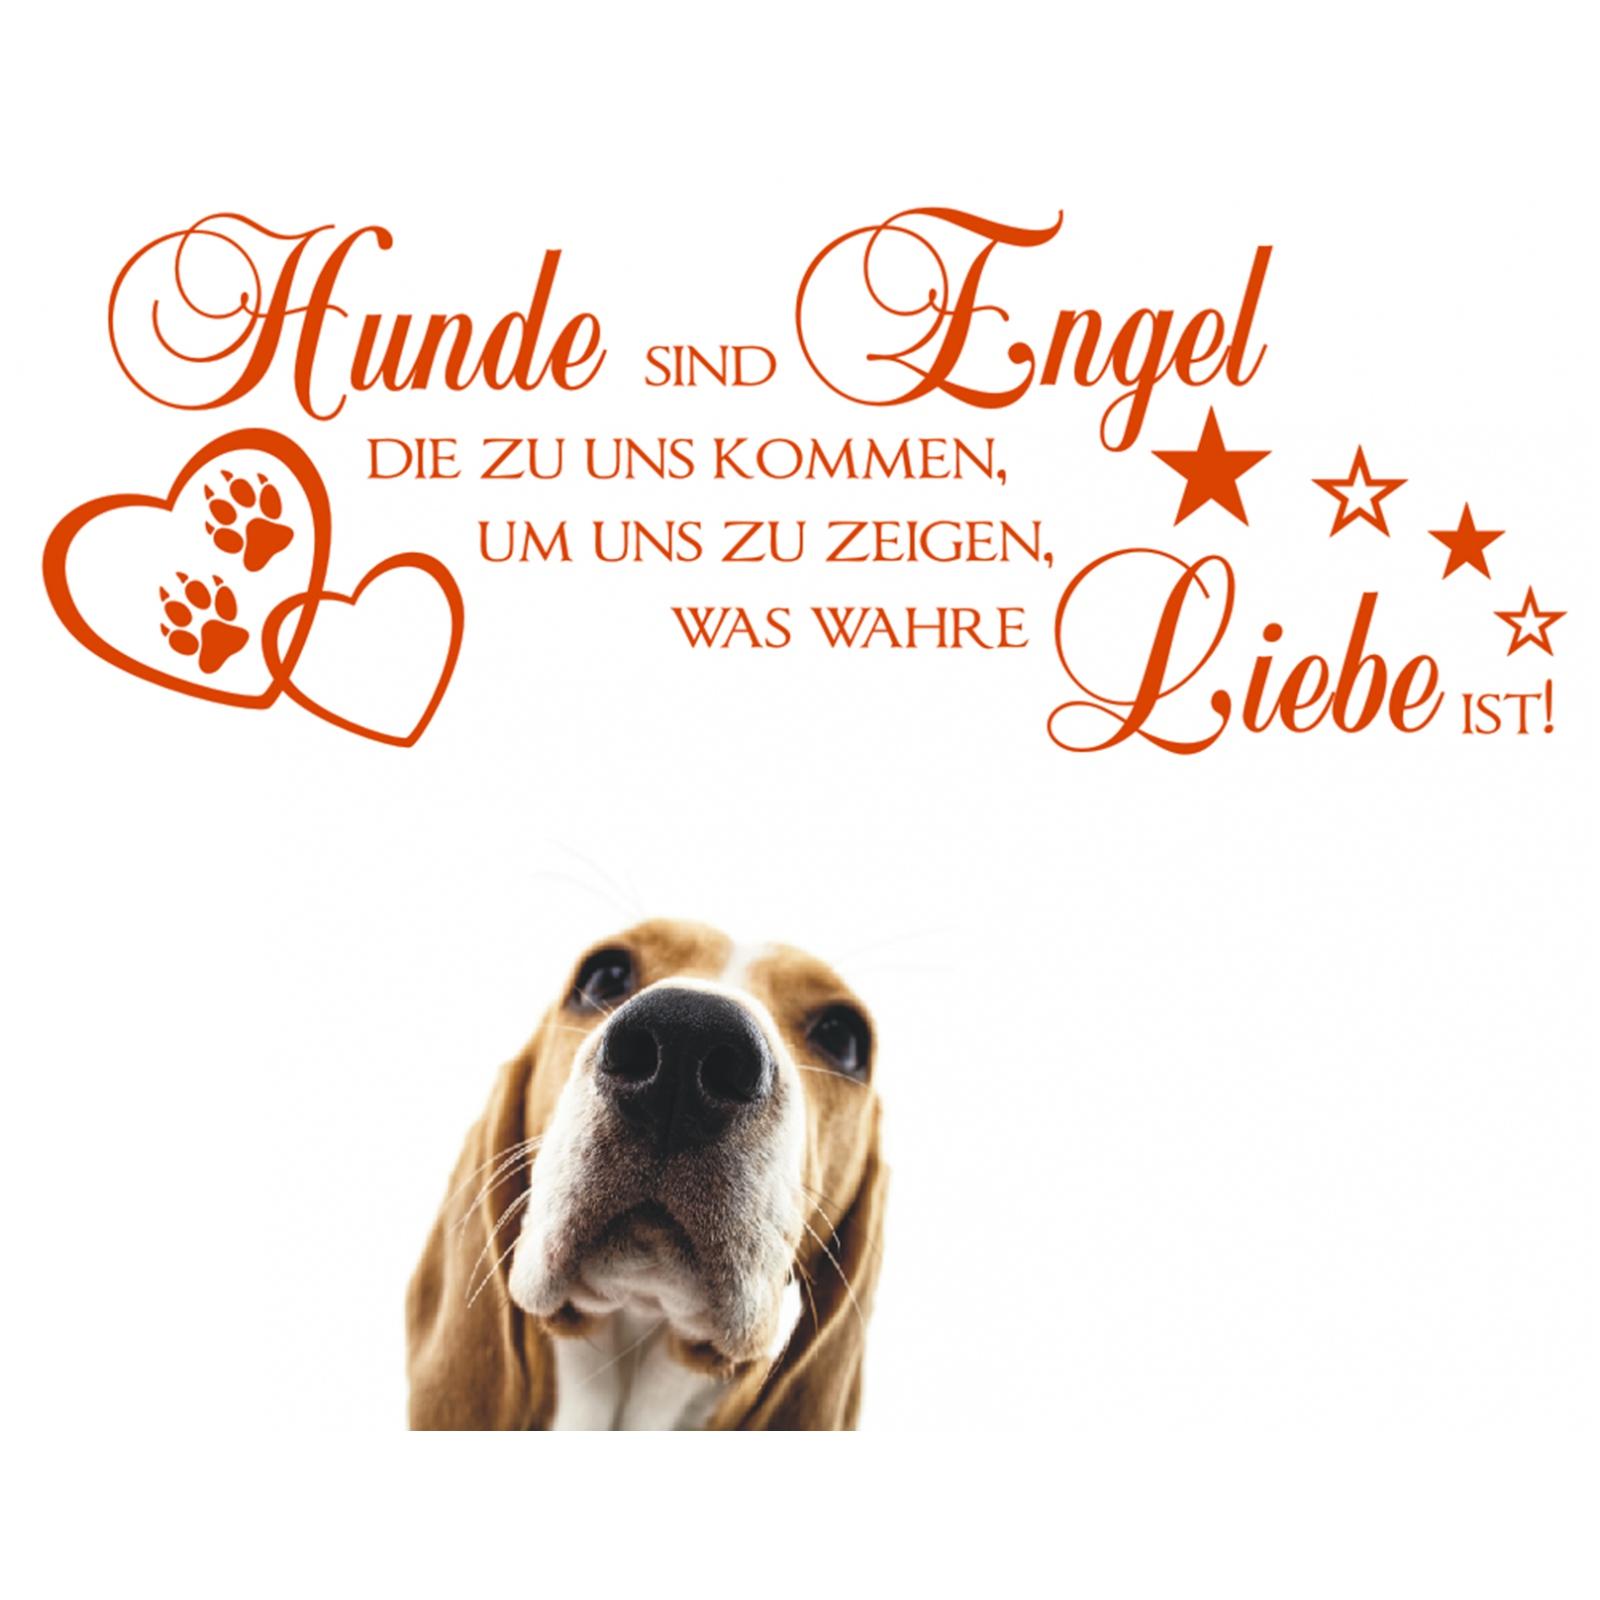 Wandtattoo-Spruch-Hunde-Engel-wahre-Liebe-Sticker-Wandaufkleber-Wandsticker-3 Indexbild 3